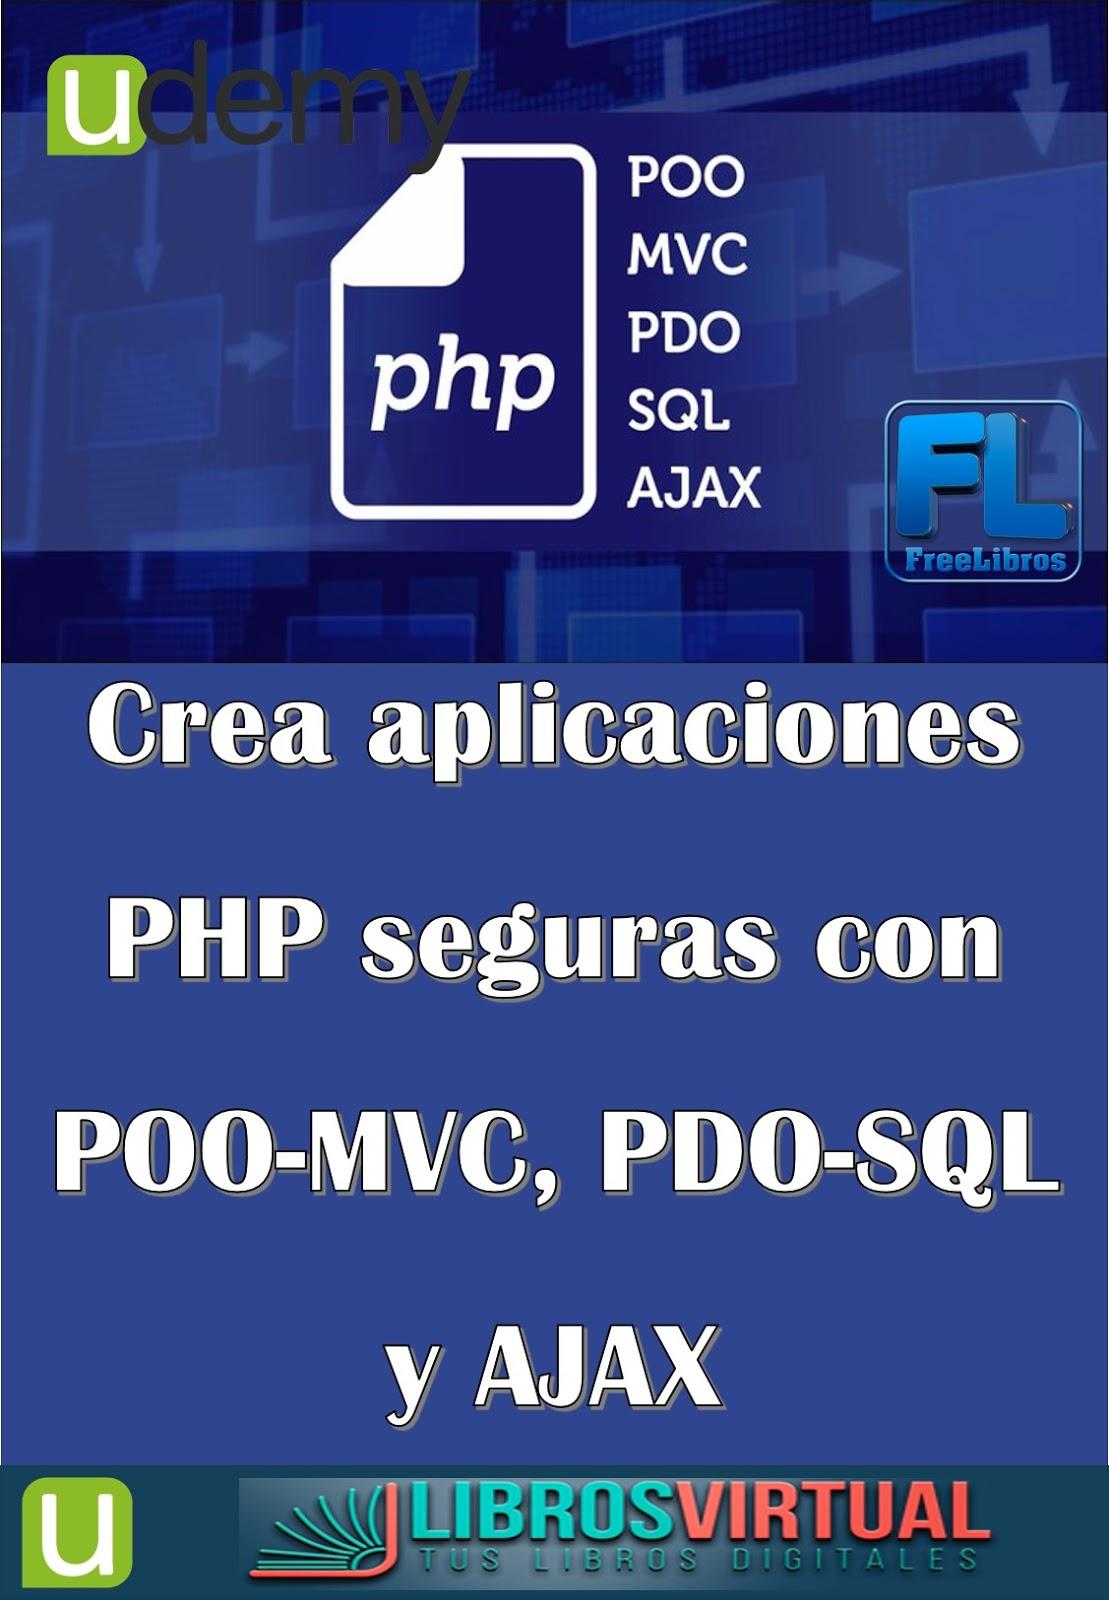 Udemy: Crea aplicaciones PHP seguras con POO-MVC, PDO-SQL y AJAX